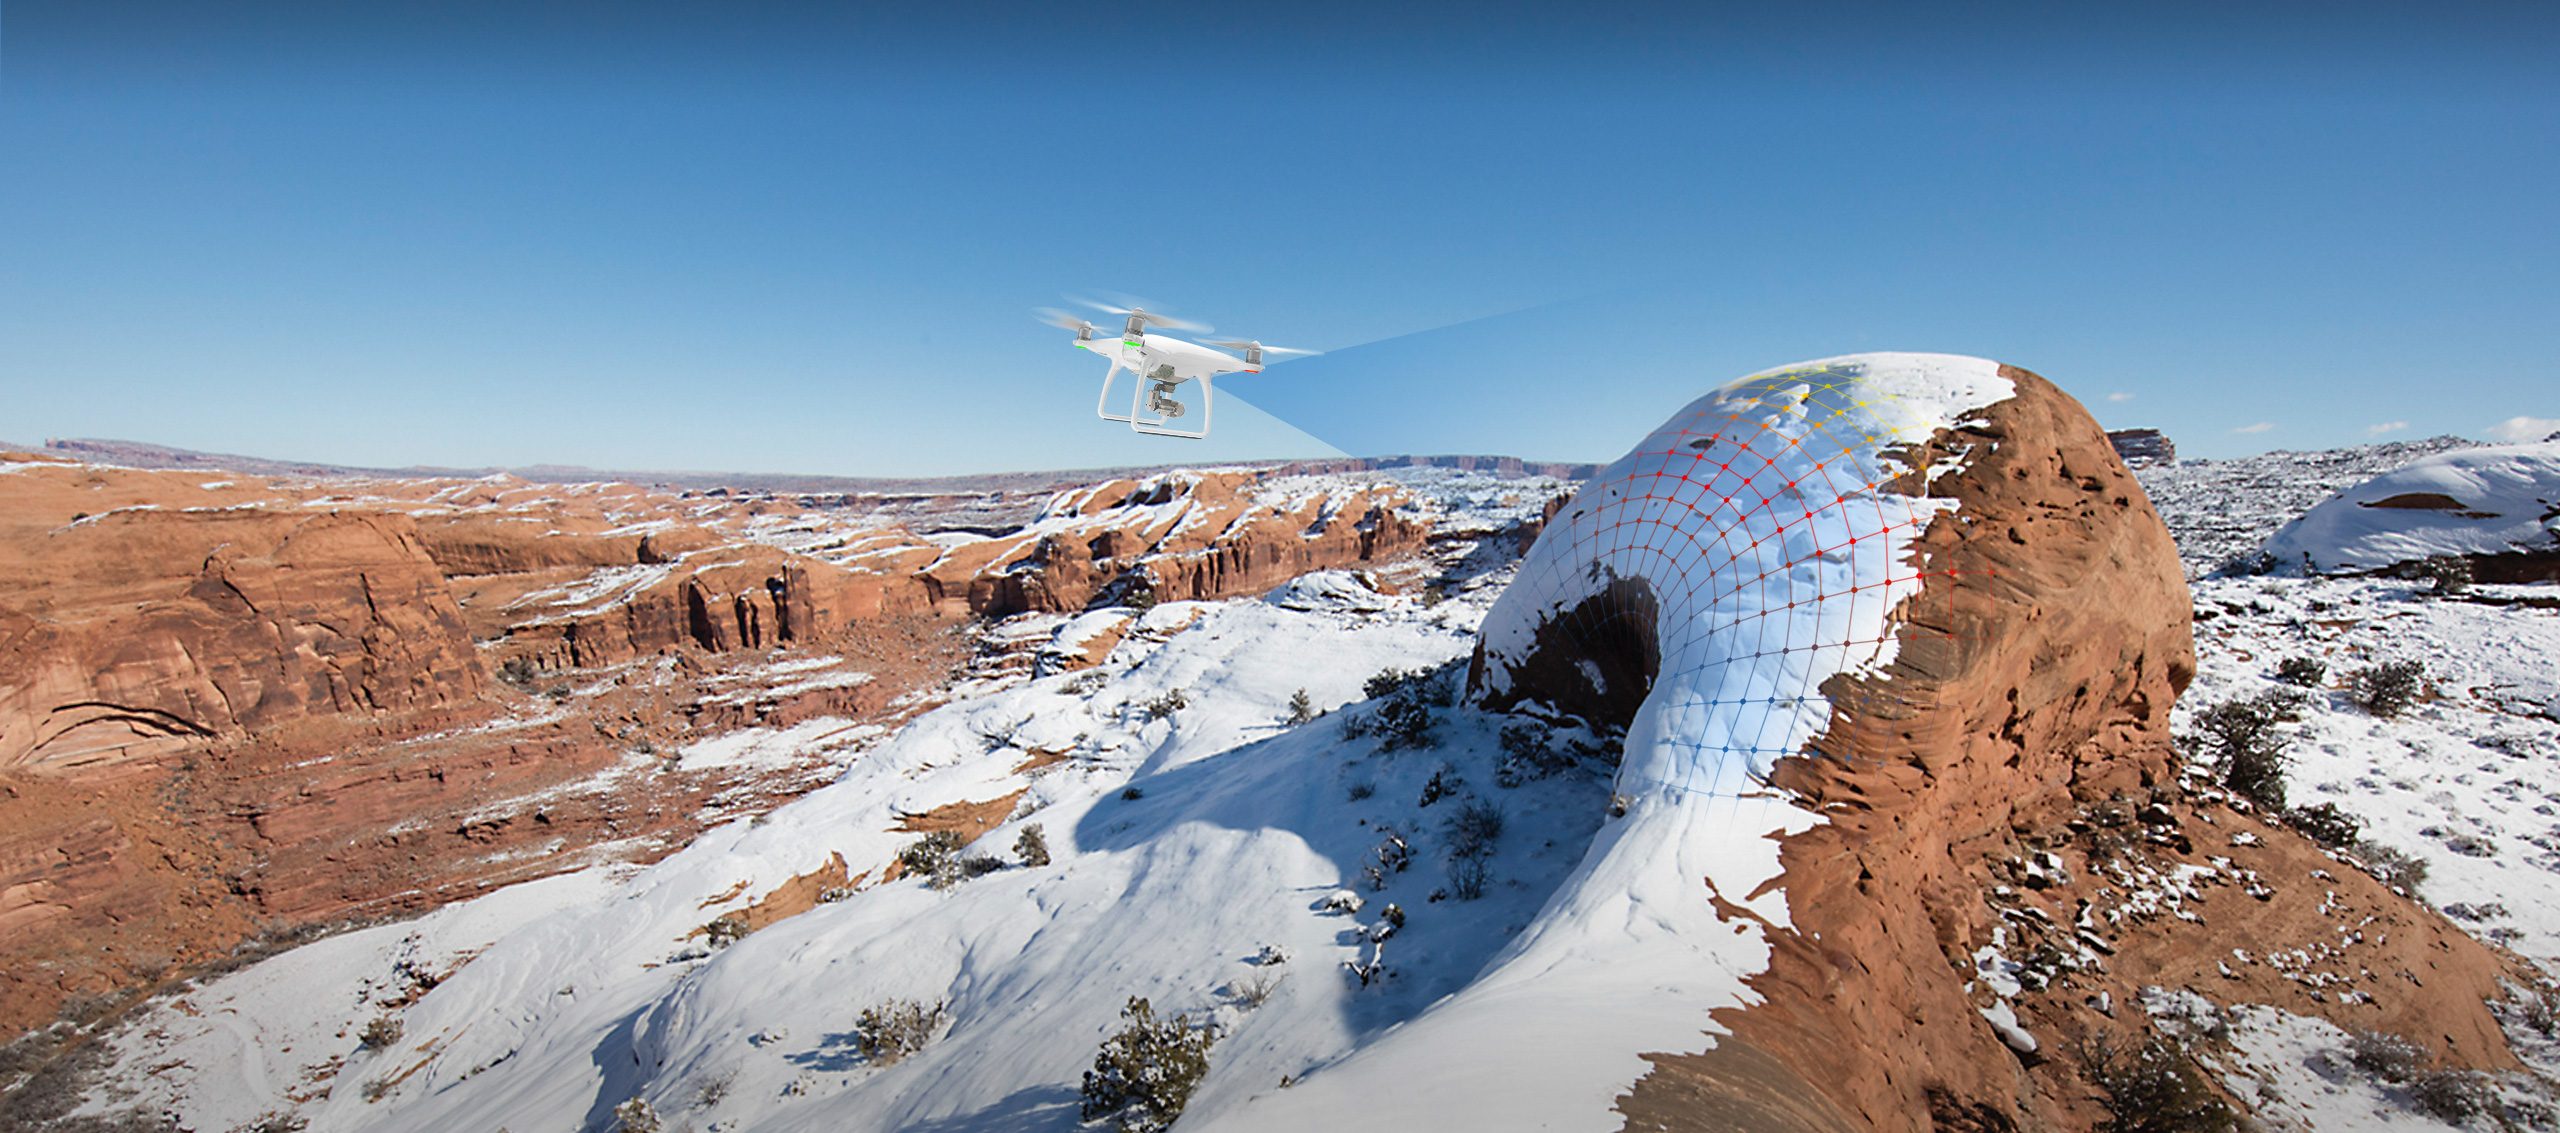 DJI Phantom 4 - Los mejores drones y los más baratos - Especial de Gizlogic